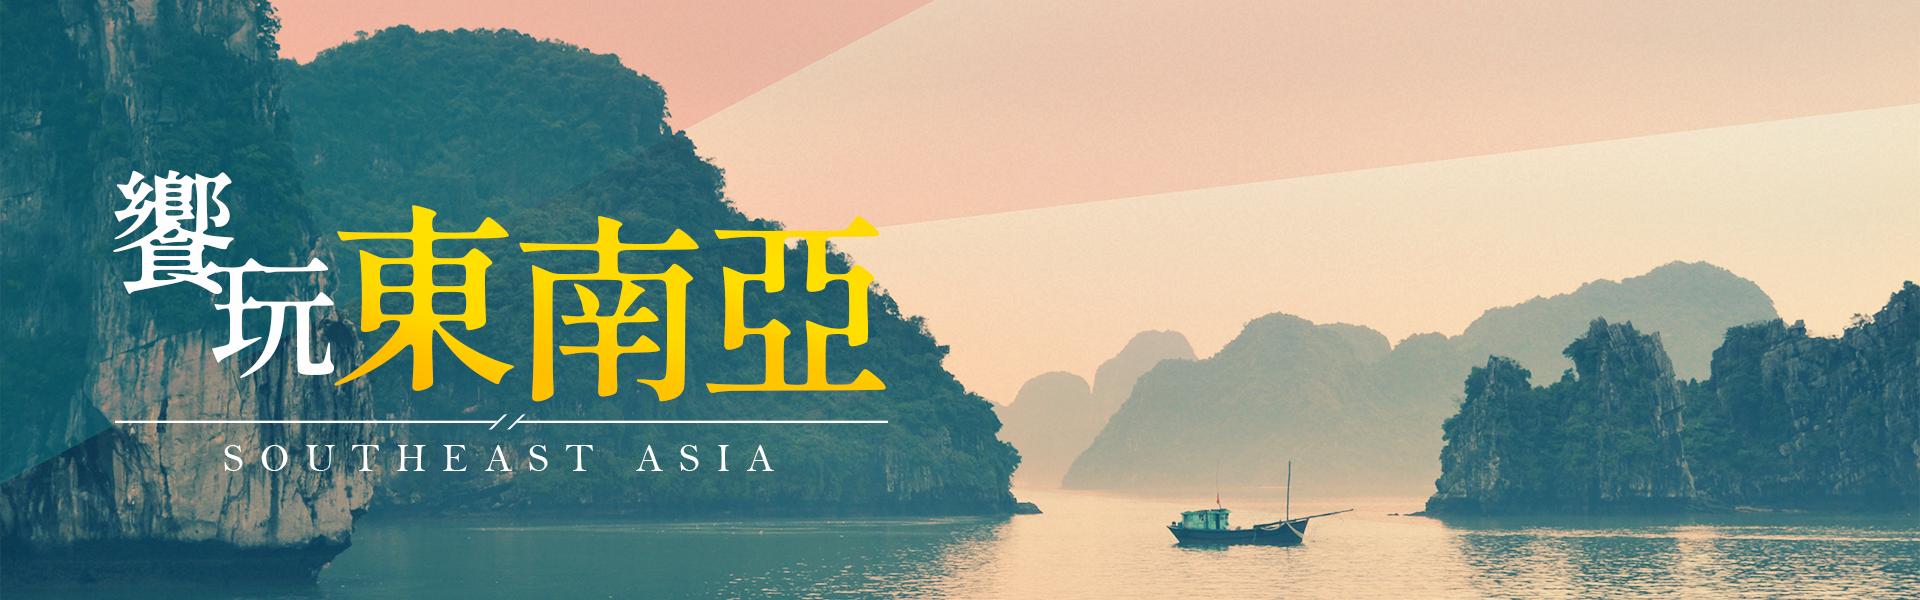 沐樂旅遊,沐樂,mullertravel,越南,寮國,胡志明,河內,普西山,龍坡邦,湄公河,僧侶